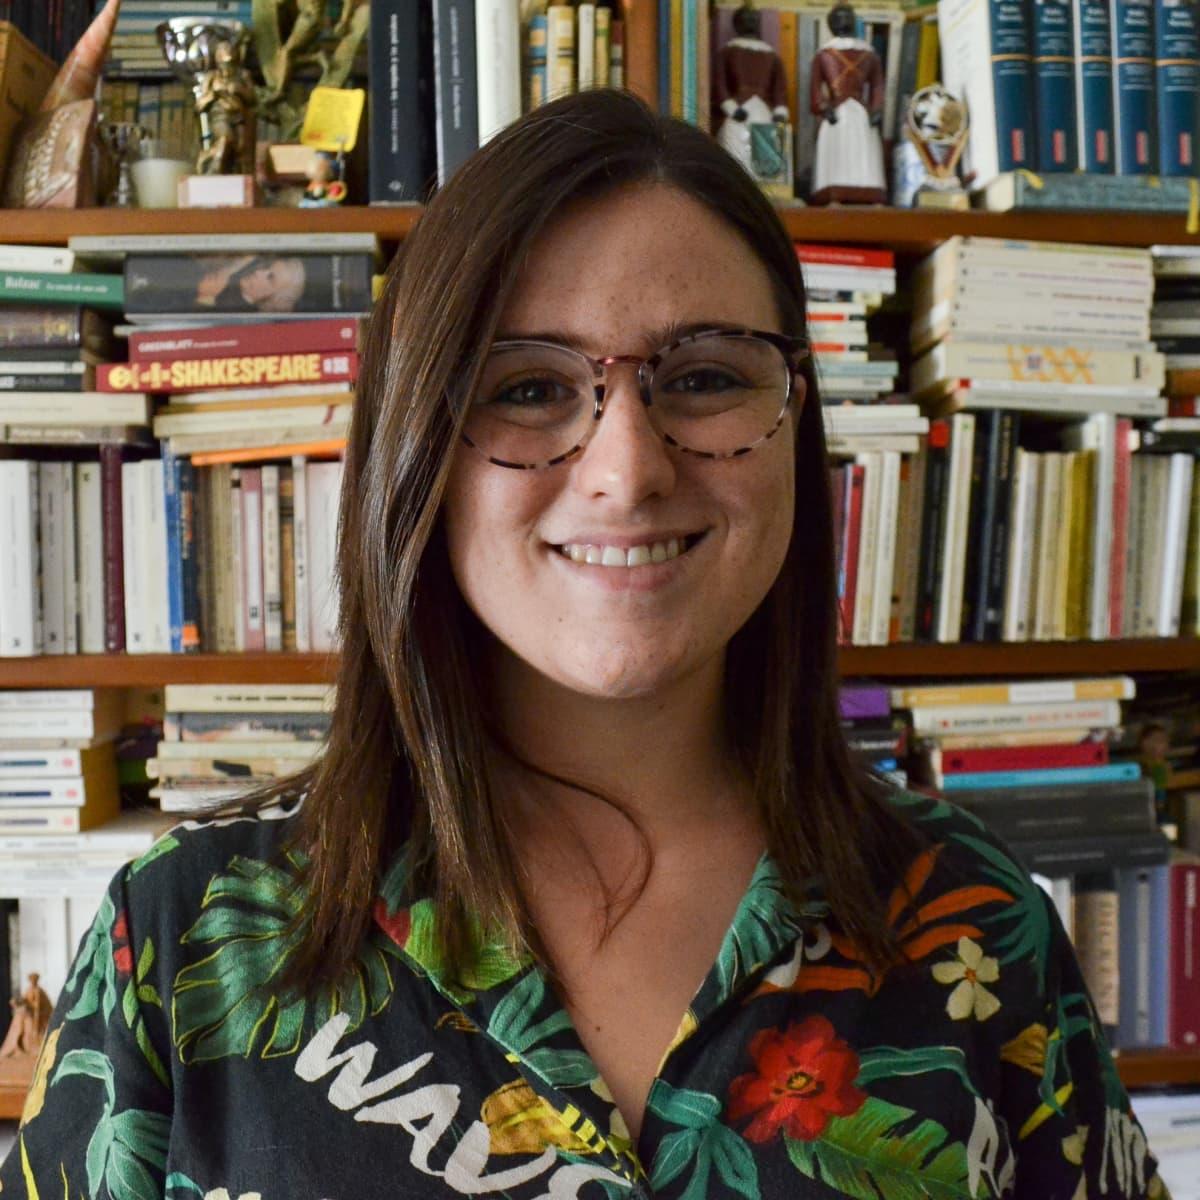 Espanjalainen Lucia Sanz Astier tulee Suomeen kesällä varhaiskasvatuksen opettajaksi. Kuvassa hän hymyilee kirjahyllyn edessä.